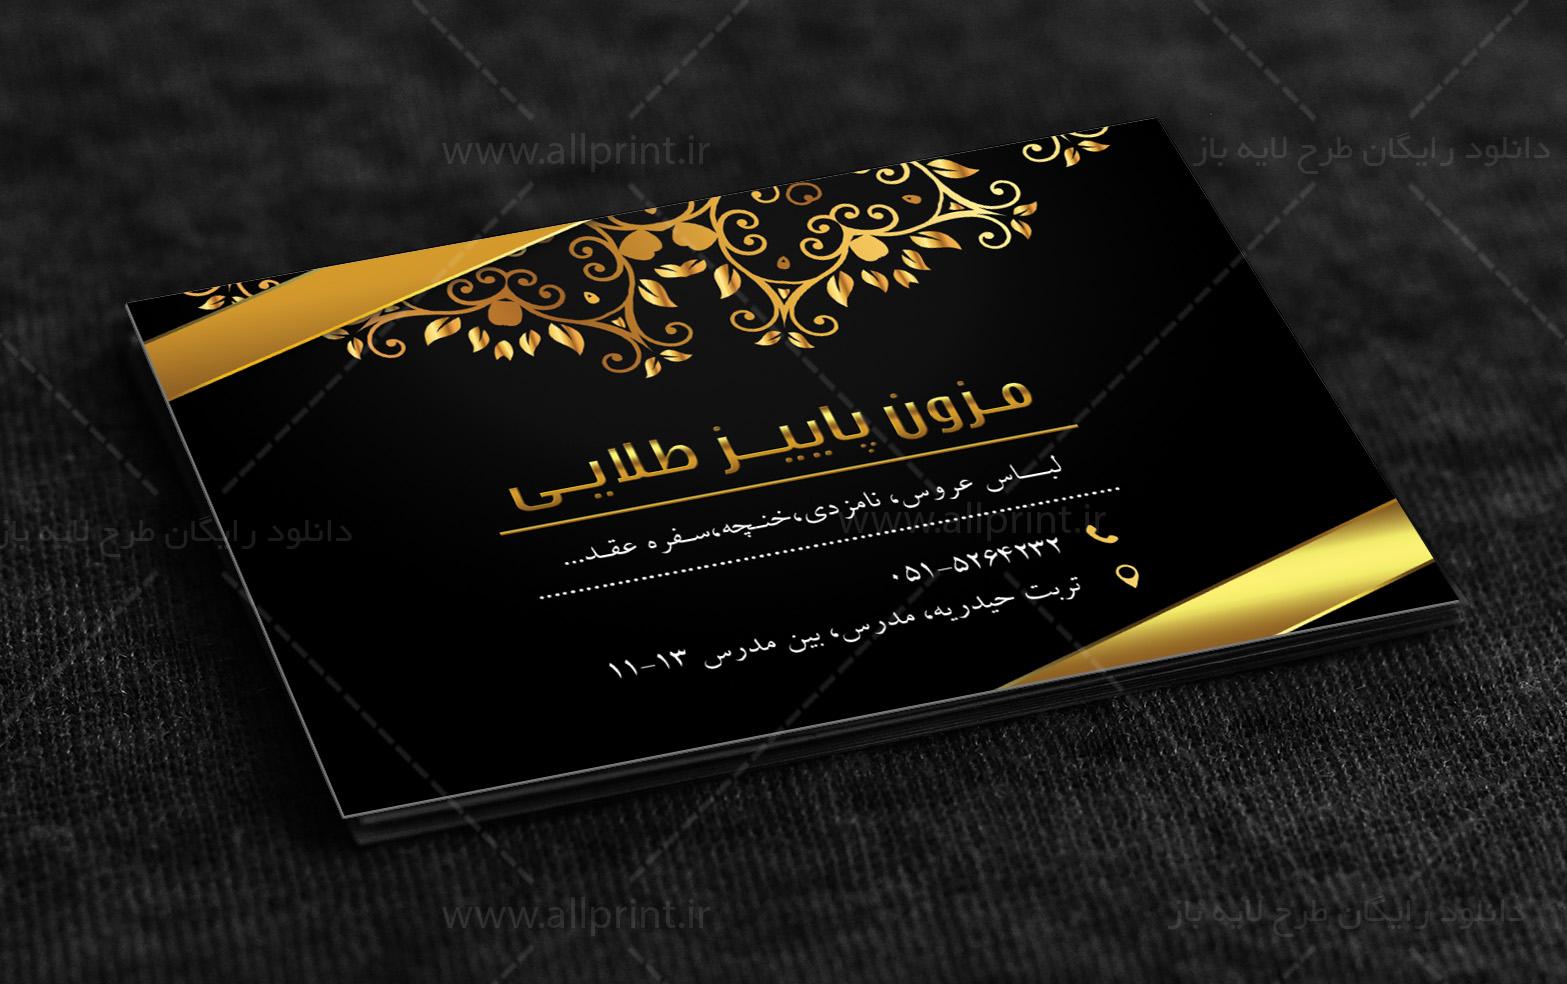 کارت ویزیت لایه باز مزون و لباس عروس